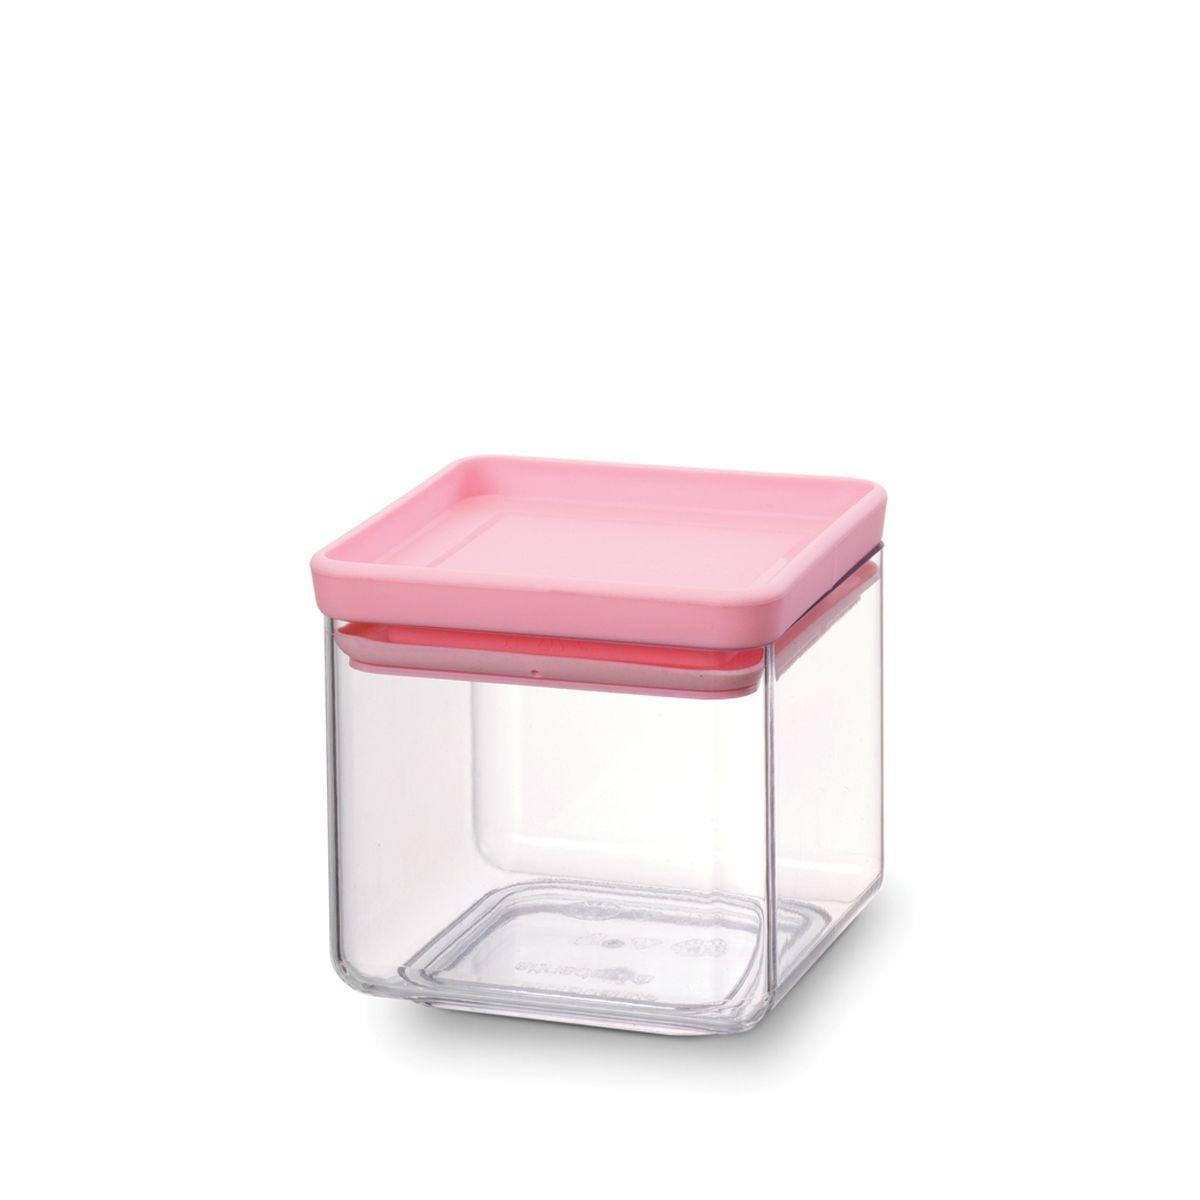 Контейнер для сыпучих продуктов Brabantia Tasty Colors, цвет: прозрачный, бирюзовый, 700 мл. 290060290060Занимает мало места – контейнеры имеют прямоугольную форму и составляются один на другой. Продукты надолго сохраняют свежесть и аромат – силиконовый уплотнитель. Хорошо видно содержимое и его количество. Легко моется – можно мыть в посудомоечной машине. Прочный и абсолютно прозрачный – изготовлен из пластика. Входит в коллекцию «Tasty Colours».